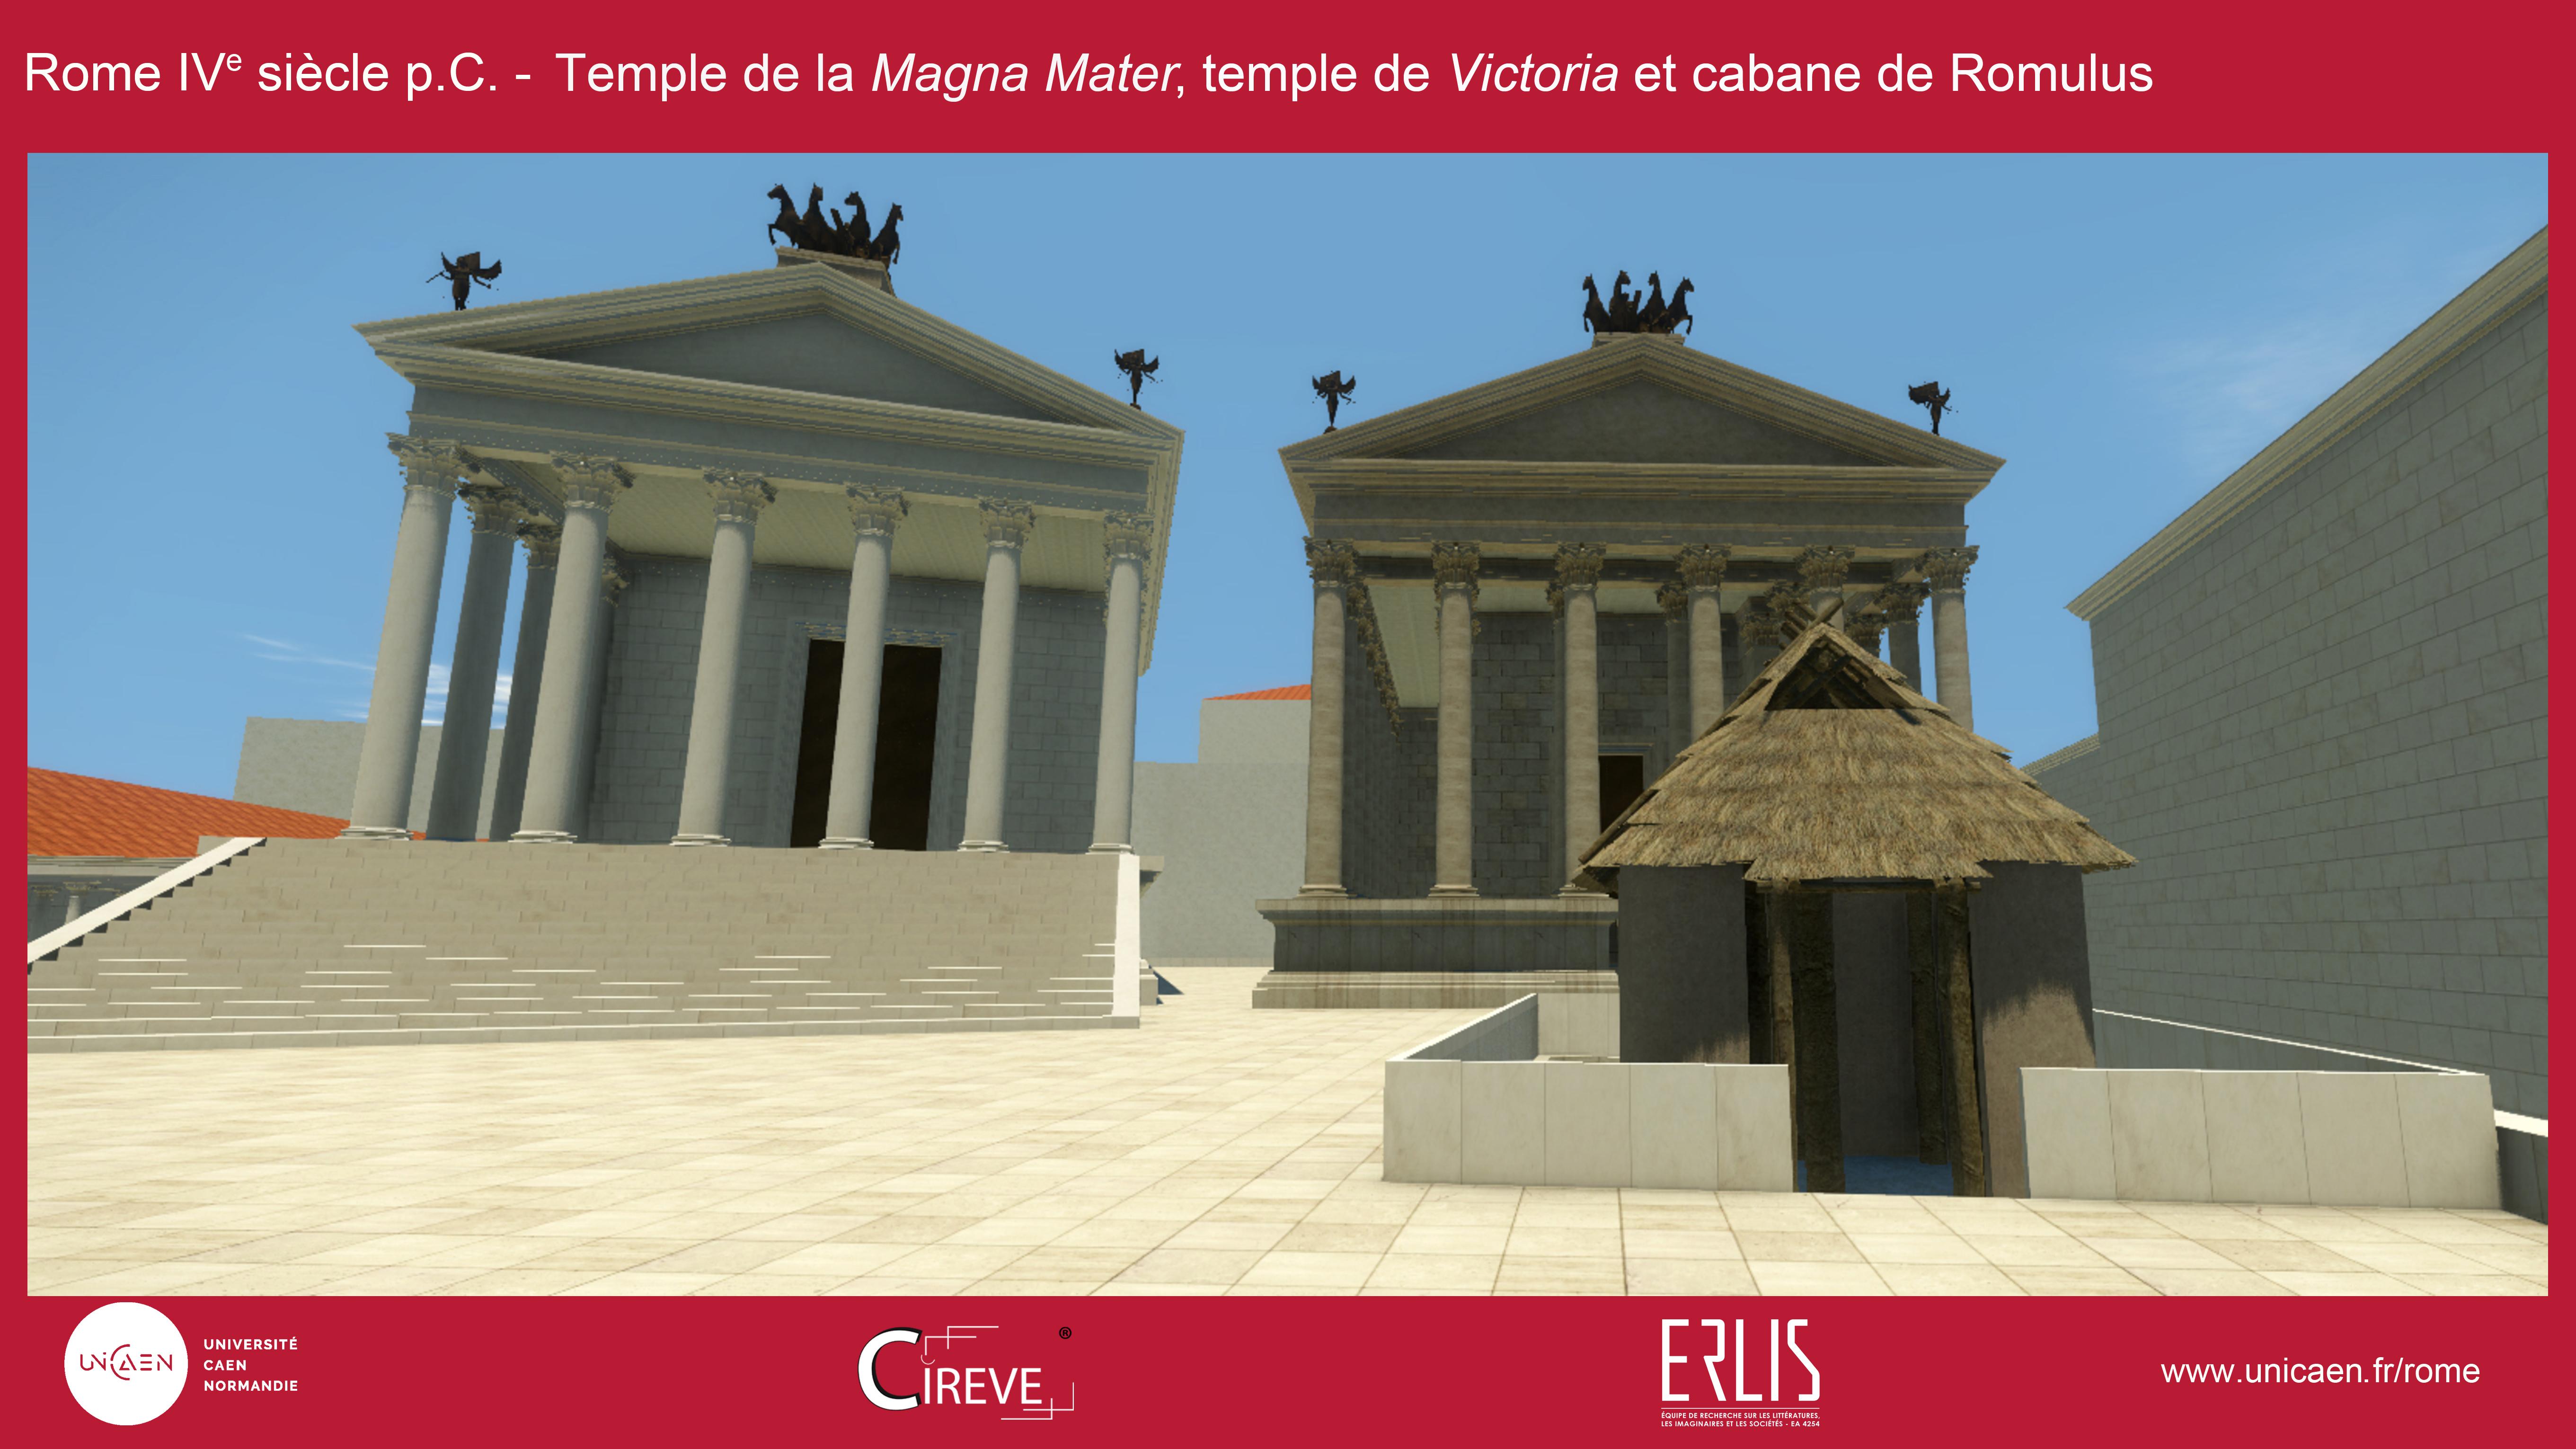 Temple de la Magna Mater